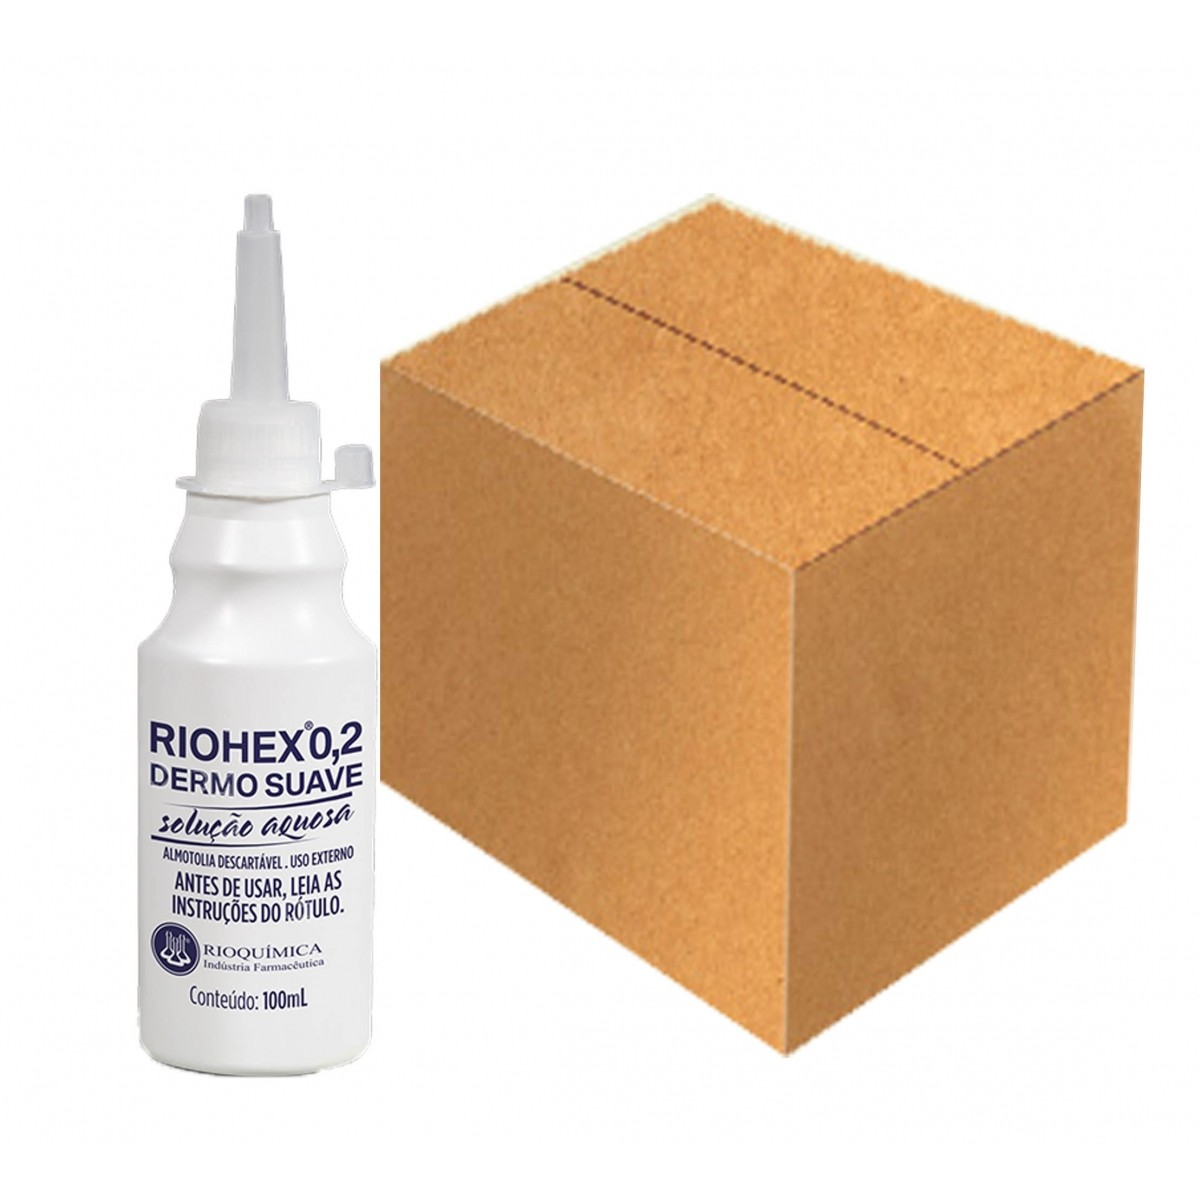 Riohex 0,2% Dermo Suave Solução Aquosa 100ml Caixa c/ 30 Unidades - RIOQUÍMICA